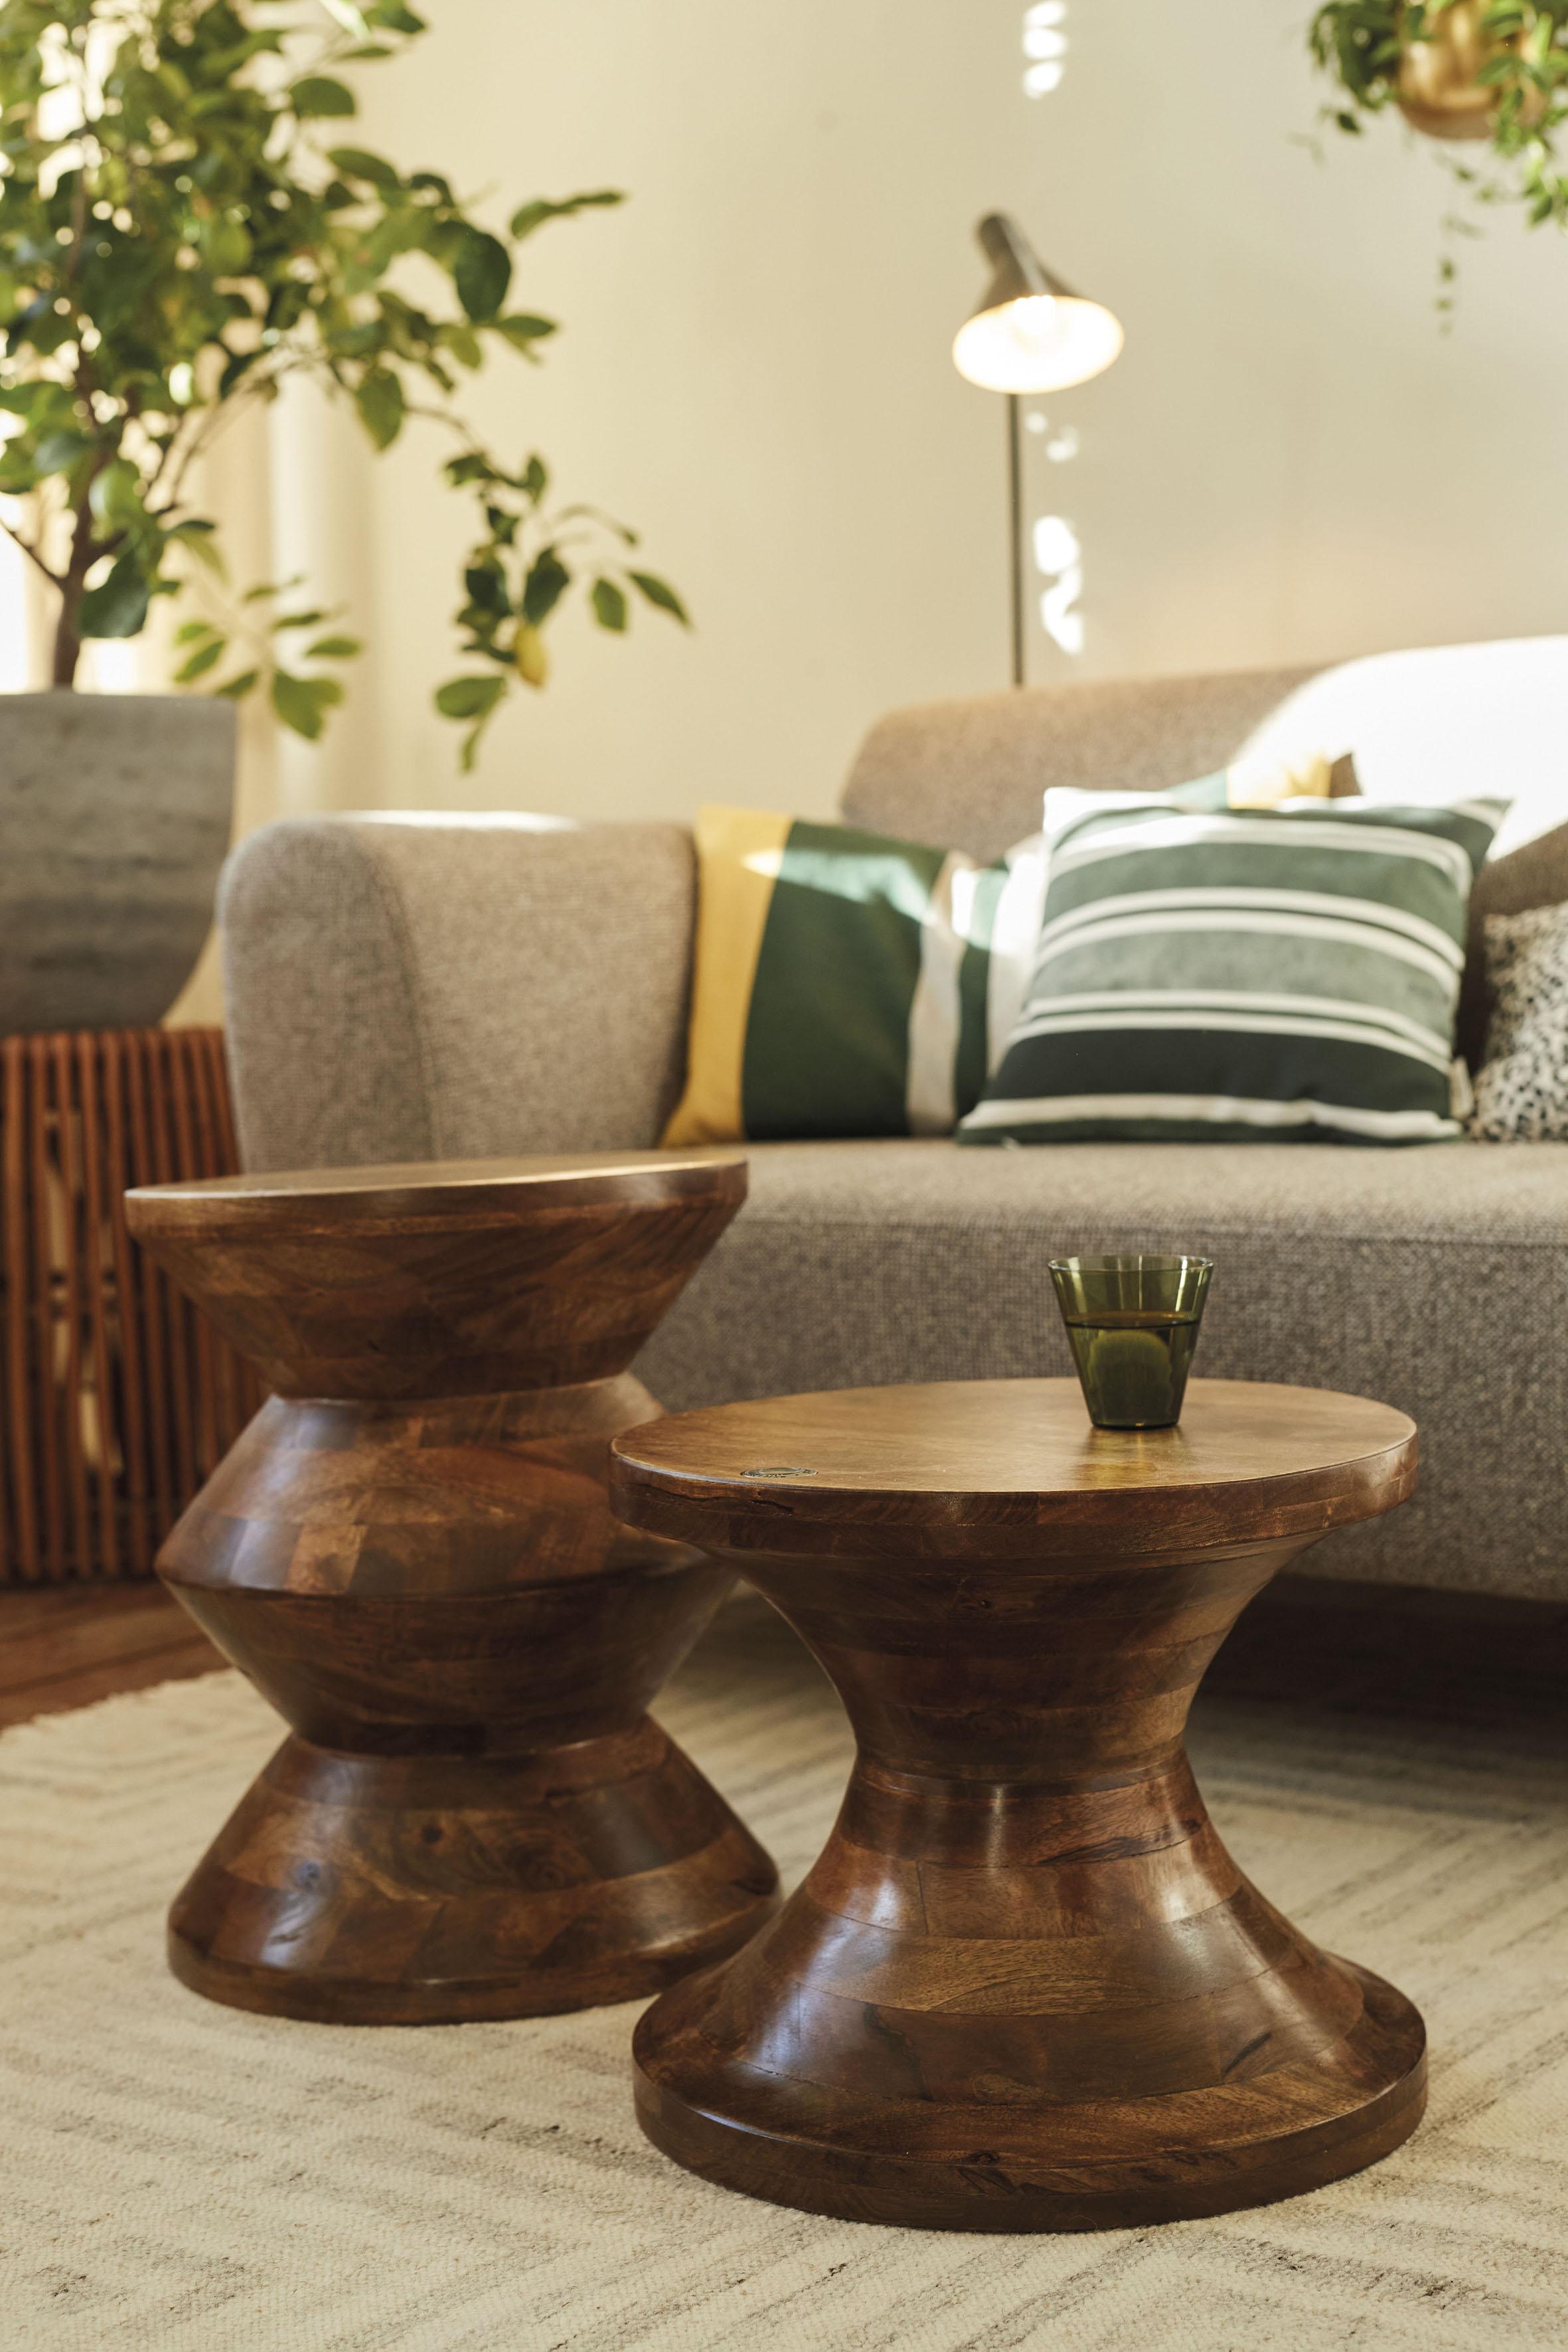 TOM TAILOR Hocker T-WOOD STOOL HIGH, dekorativer aus Mangoholz, mit Knopfdetail beige Beistelltische Tische